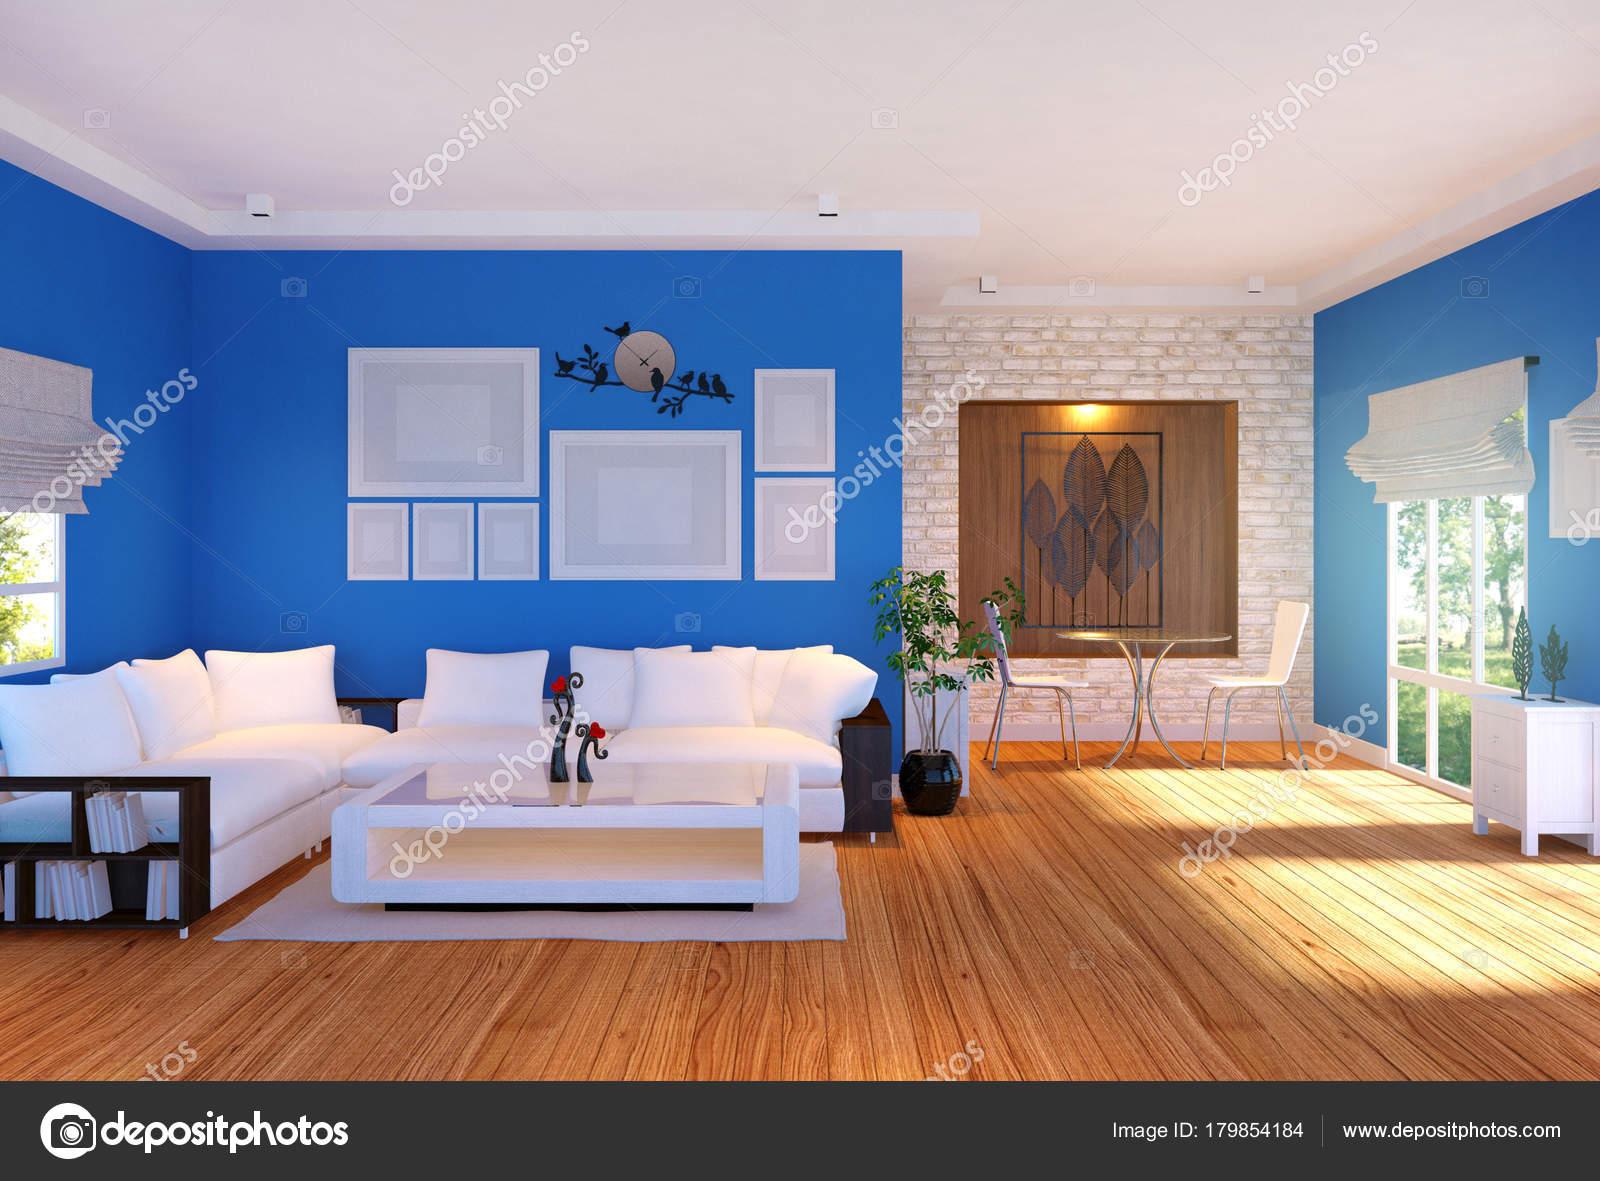 Moderne Wohnzimmer Einrichtung Mit Möbeln Und Leeren Bilderrahmen Wand  Rendering U2014 Stockfoto